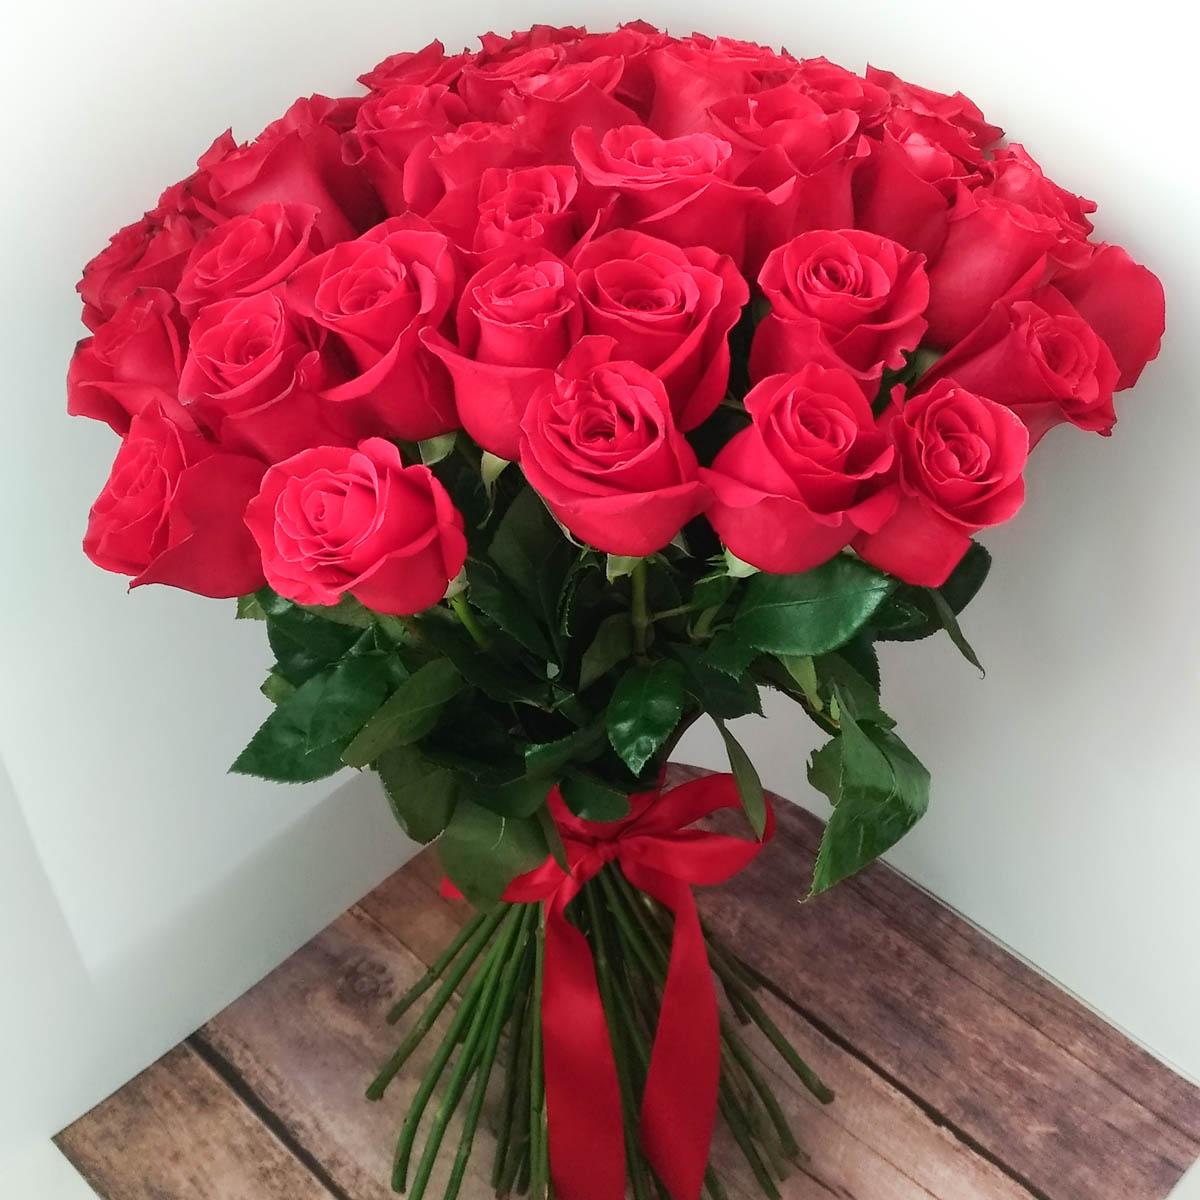 почему картинки розы красные букеты большие и красивые уже упоминалось